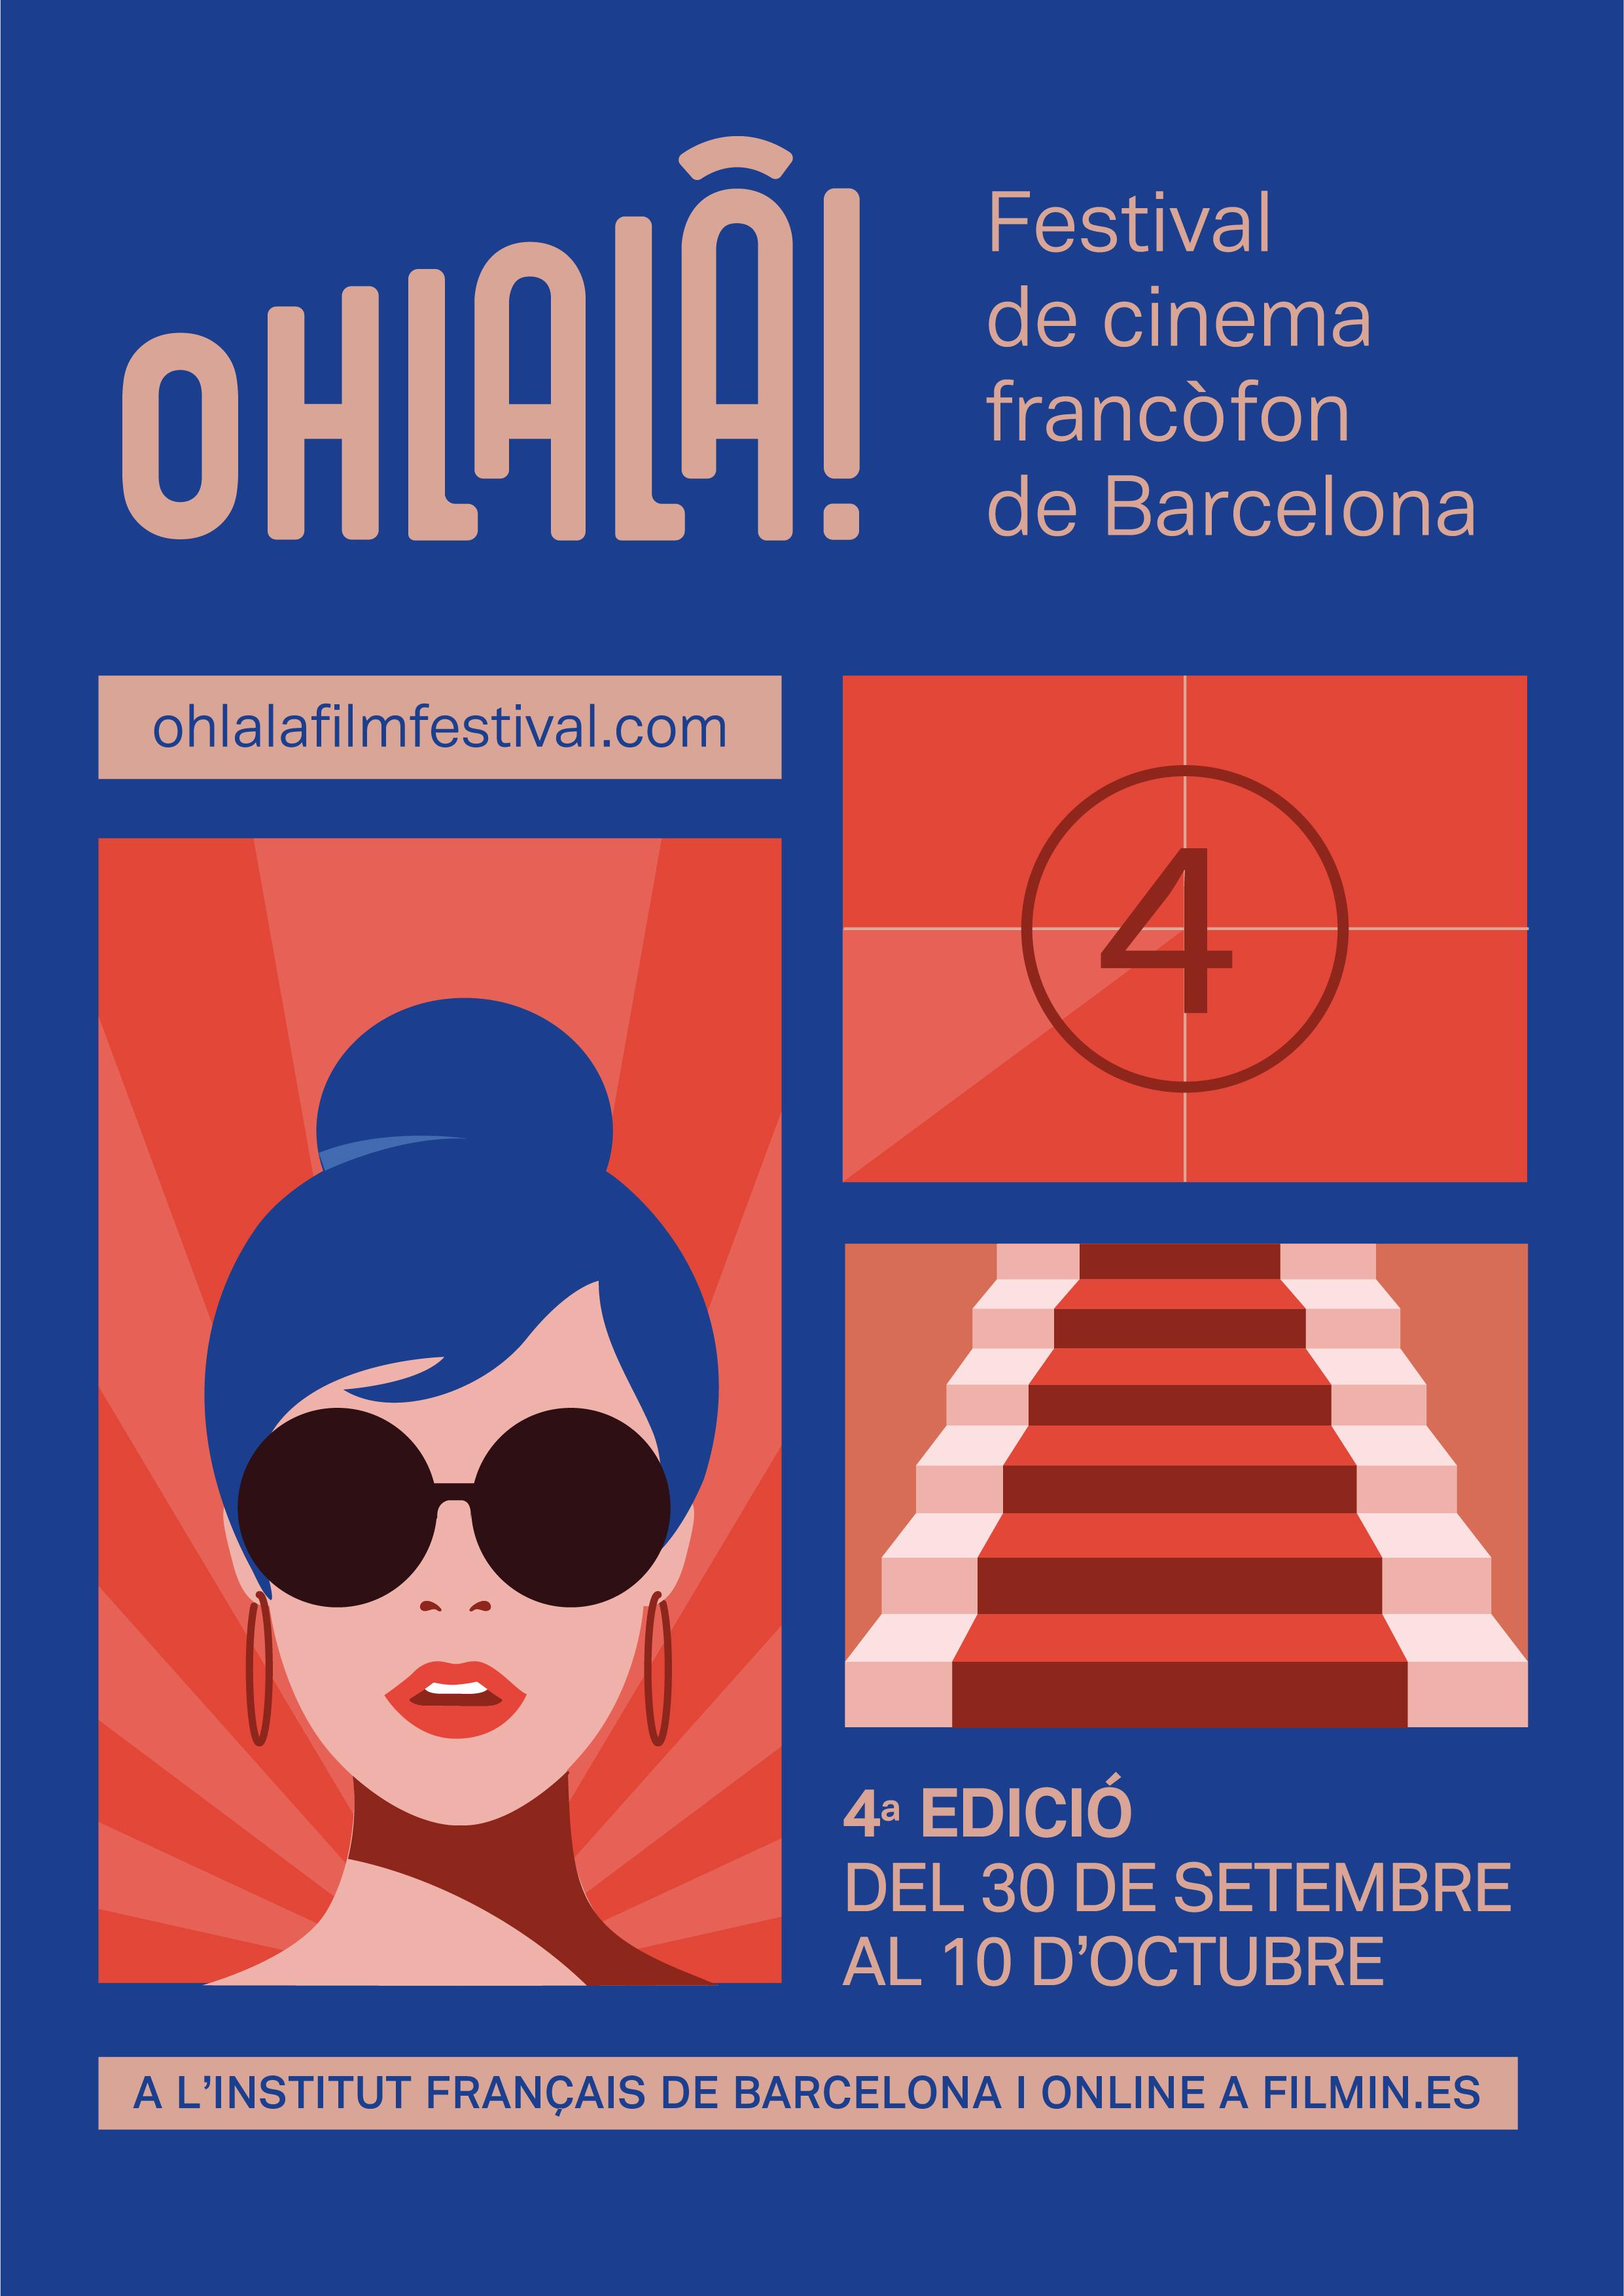 Descubre la programación completa de la 4ª edición del OHLALÀ! Festival de cine francófono de Barcelona